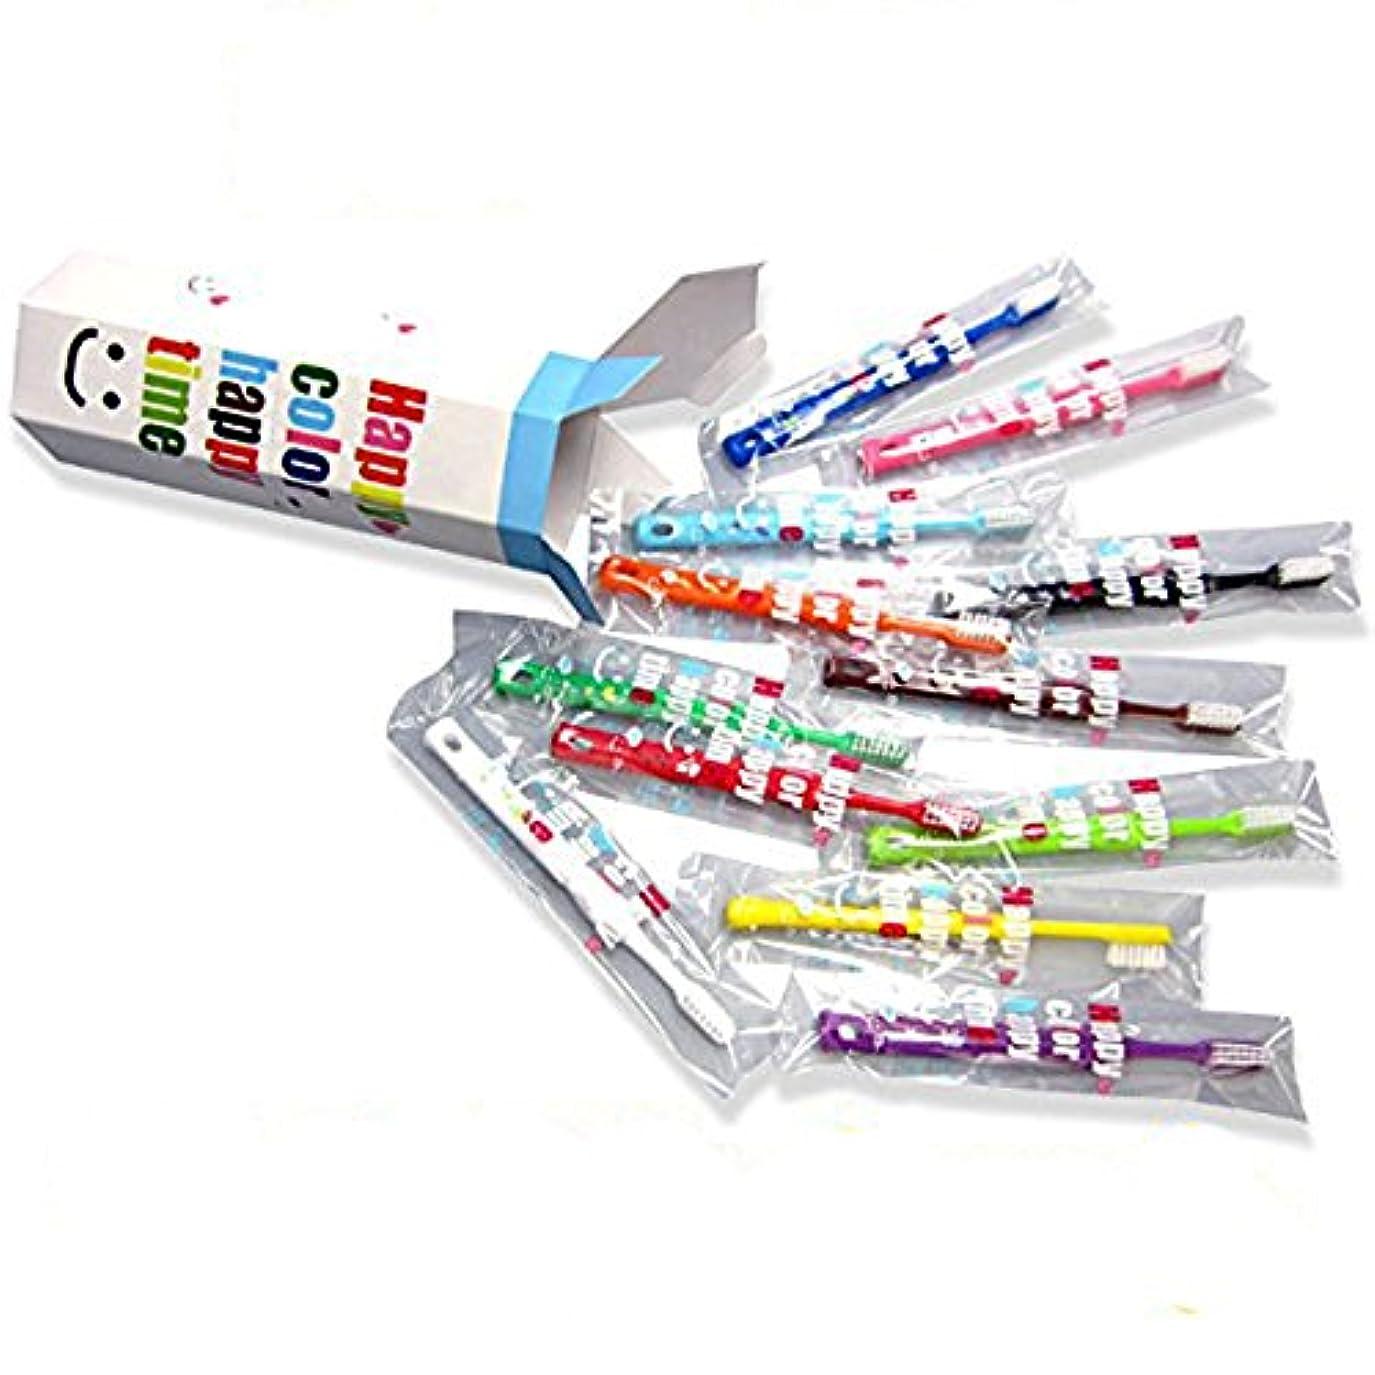 見物人品種アサートラピス 子供 歯ブラシ ラピス LA-210 ハッピーカラー12色 ?ジュニア用? 歯ブラシ セット 単品106